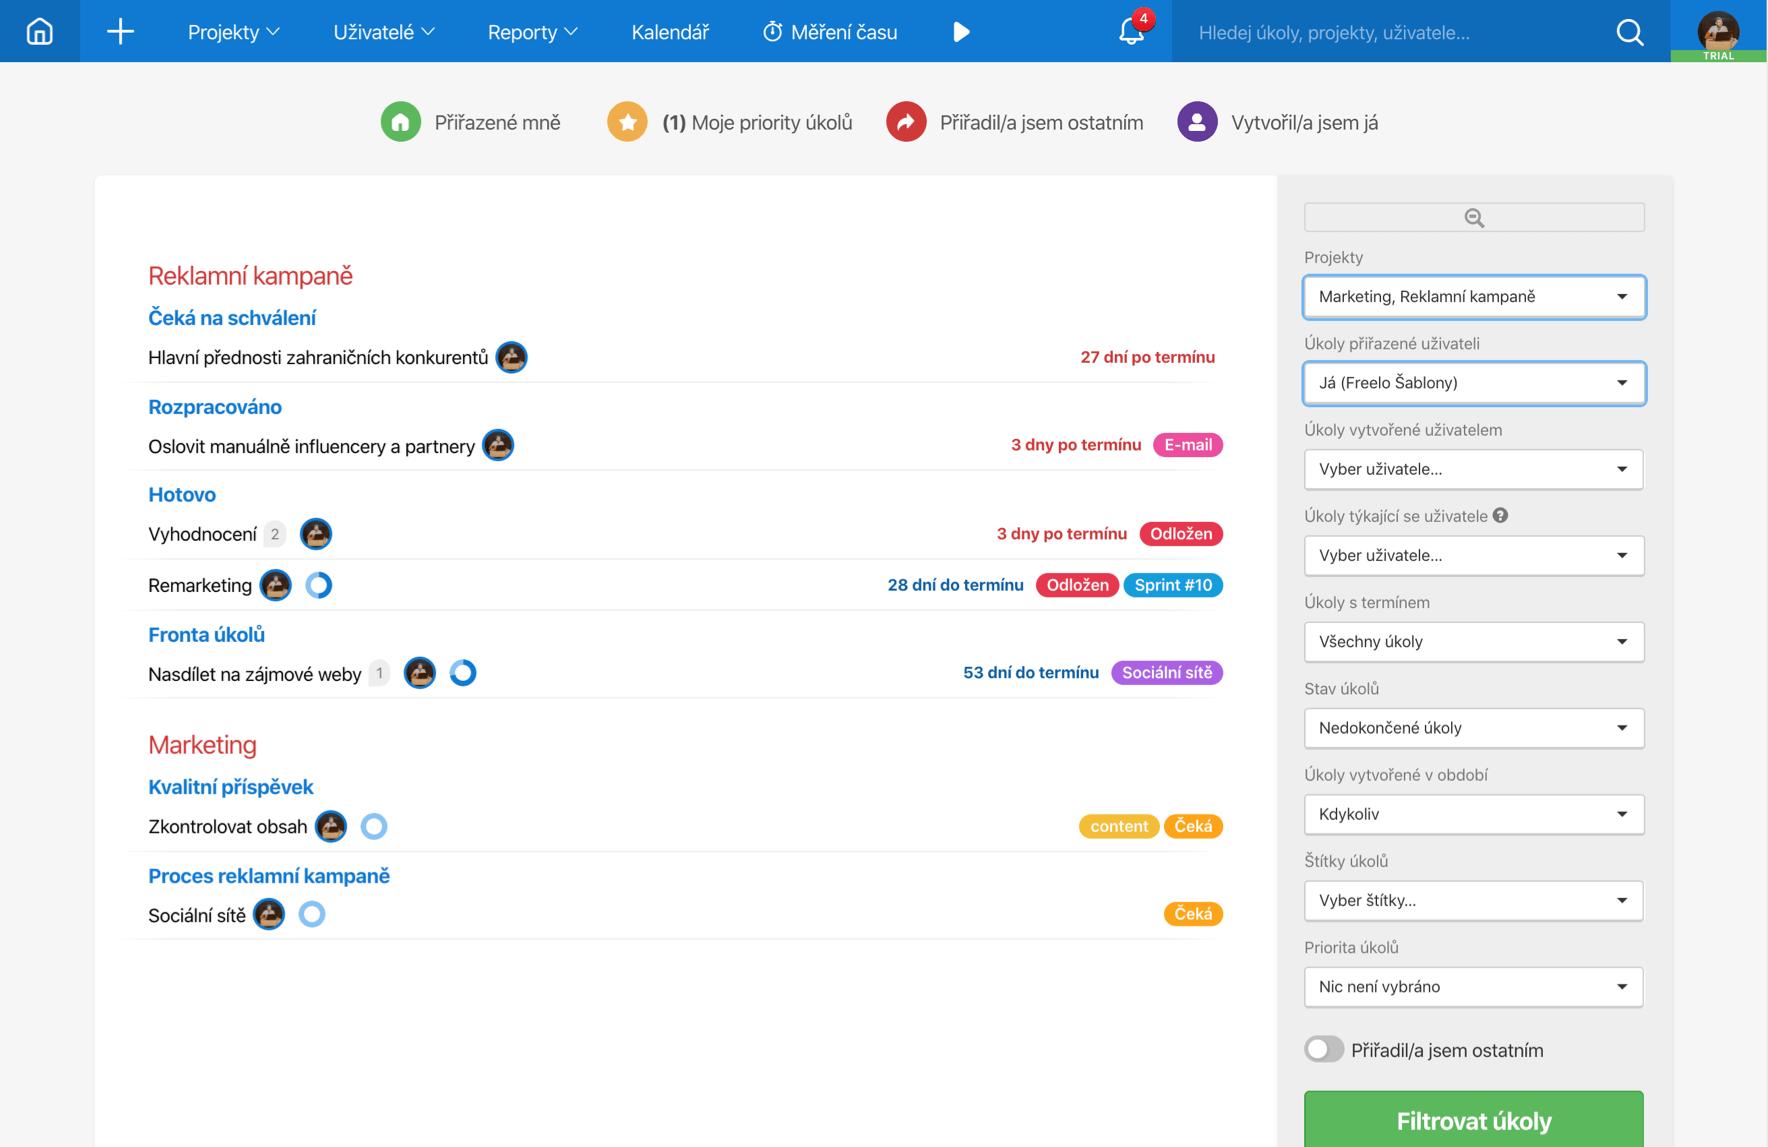 Uživatelské prostředí Freela, ve kterém je otevřen projekt Reklamní kampaně. Na stránce je seznam úkolů a jejich status.